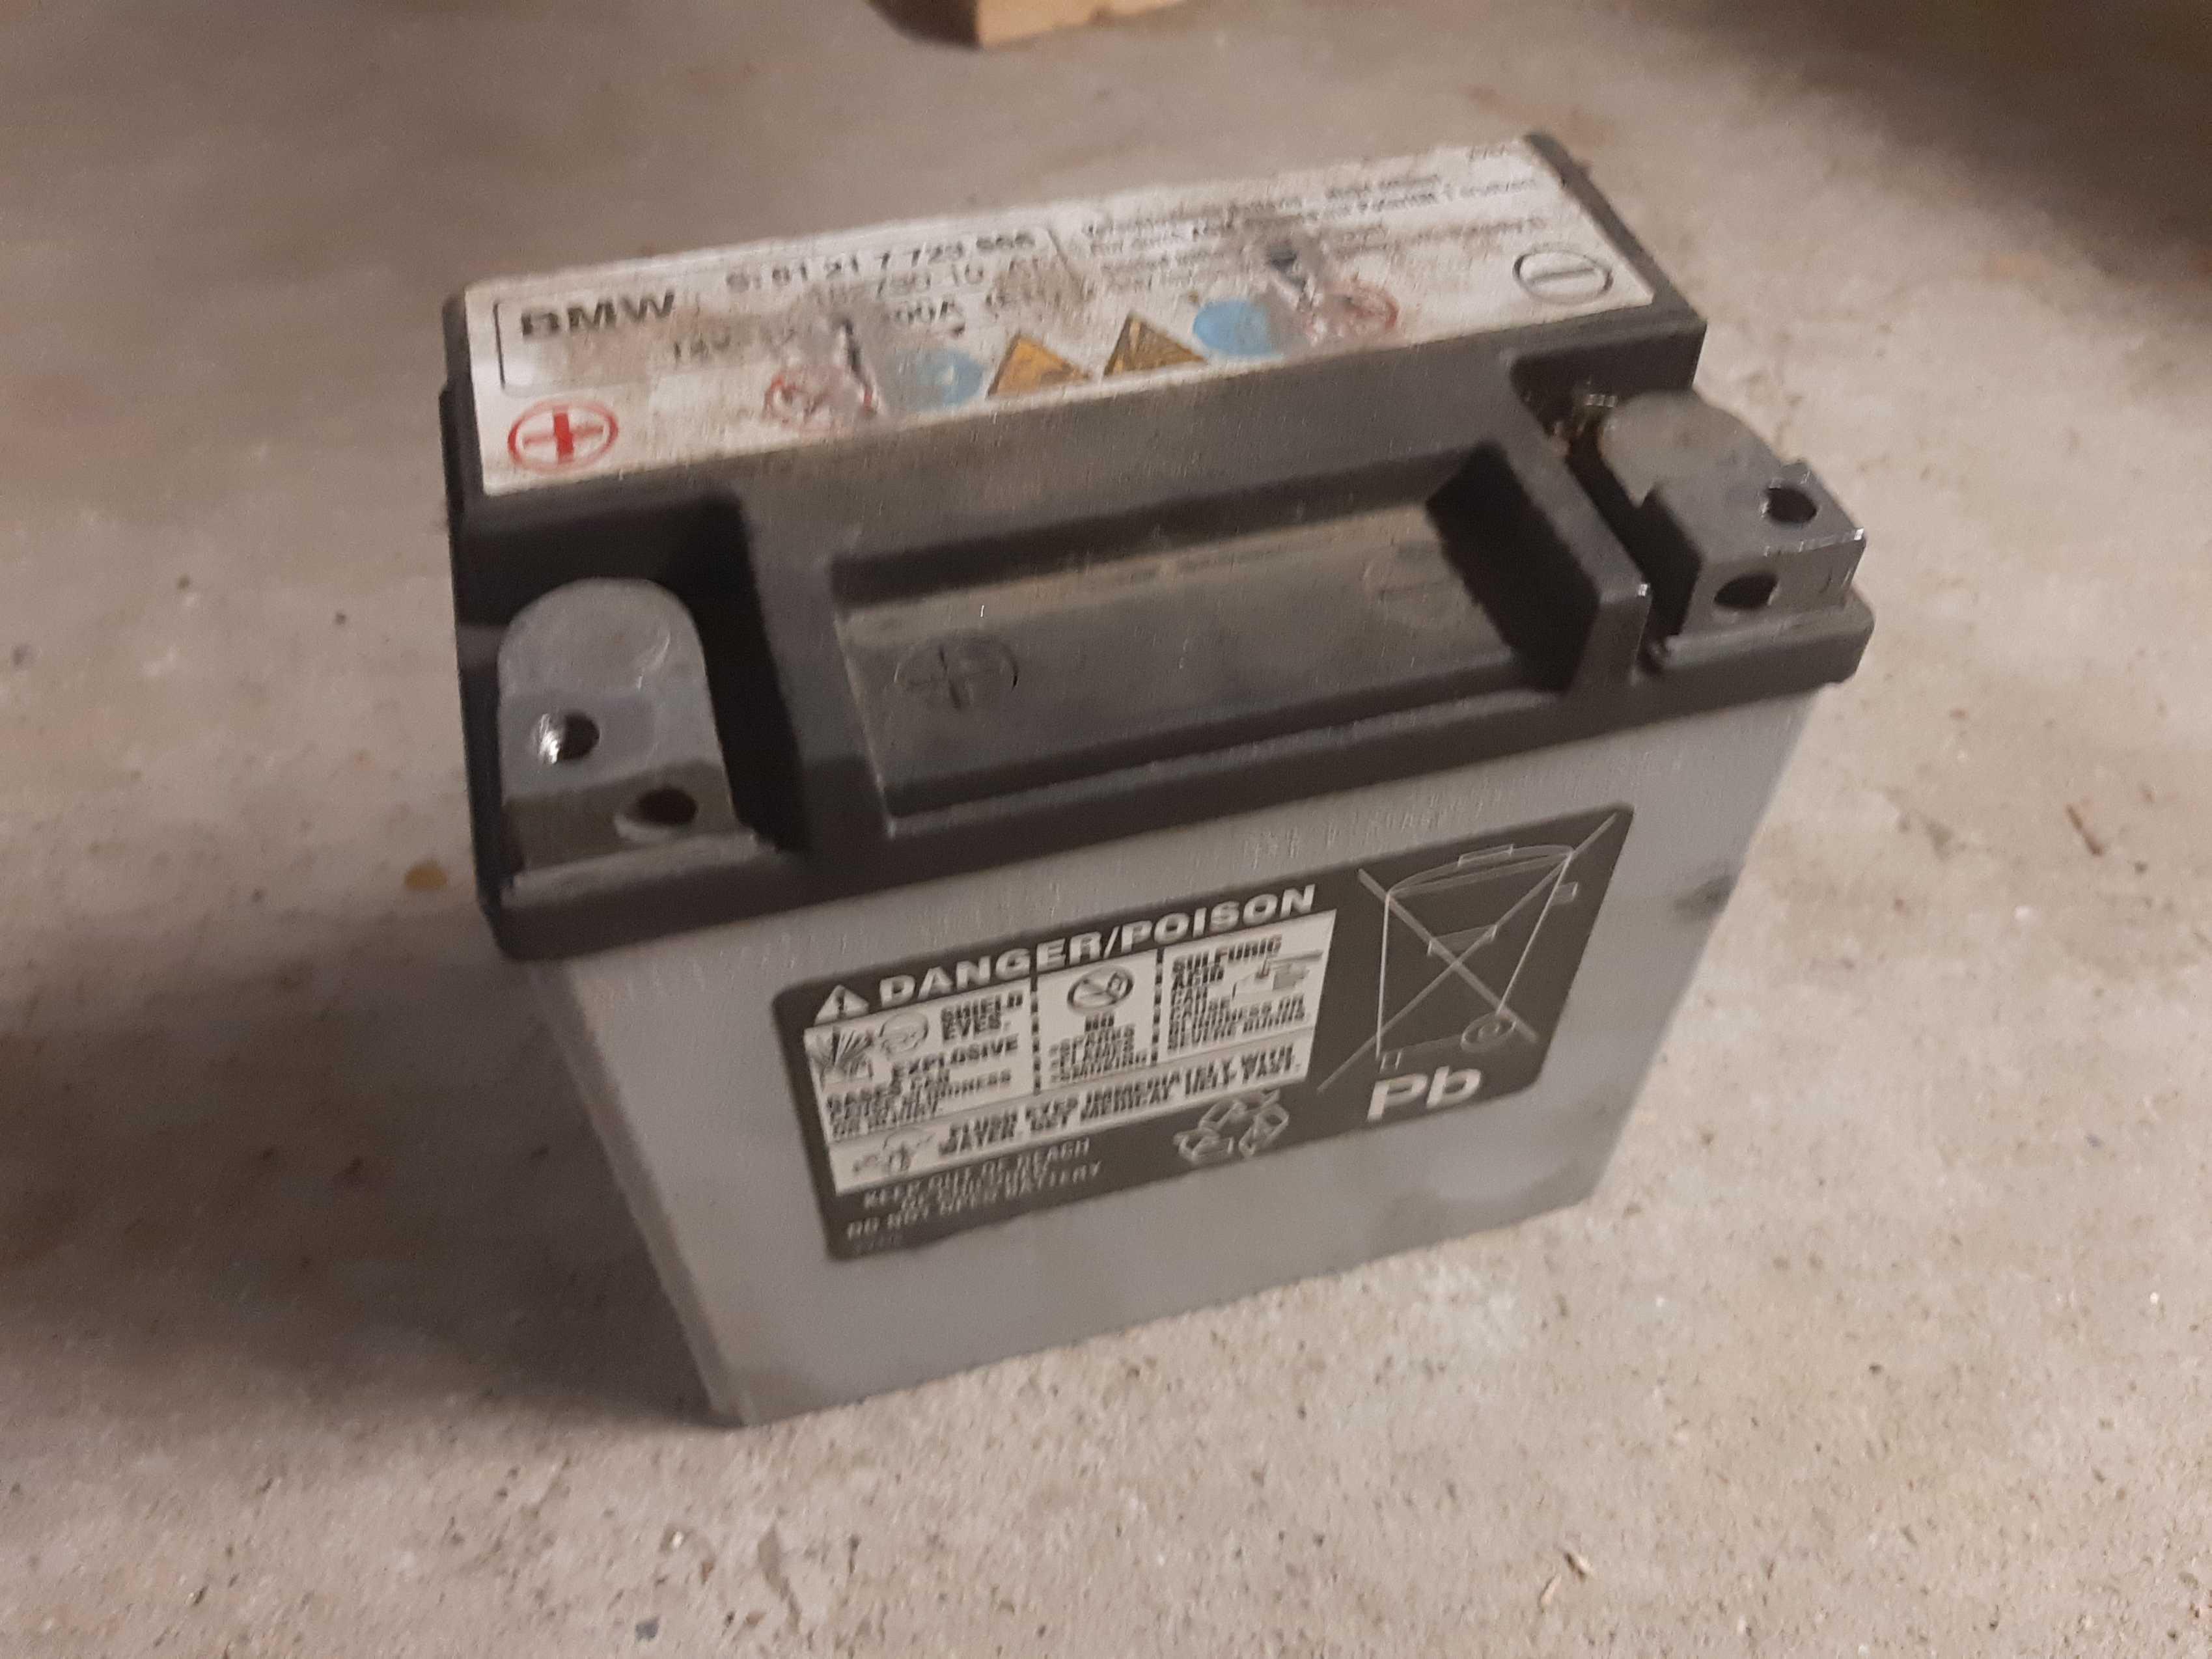 Batterie für die F800GS